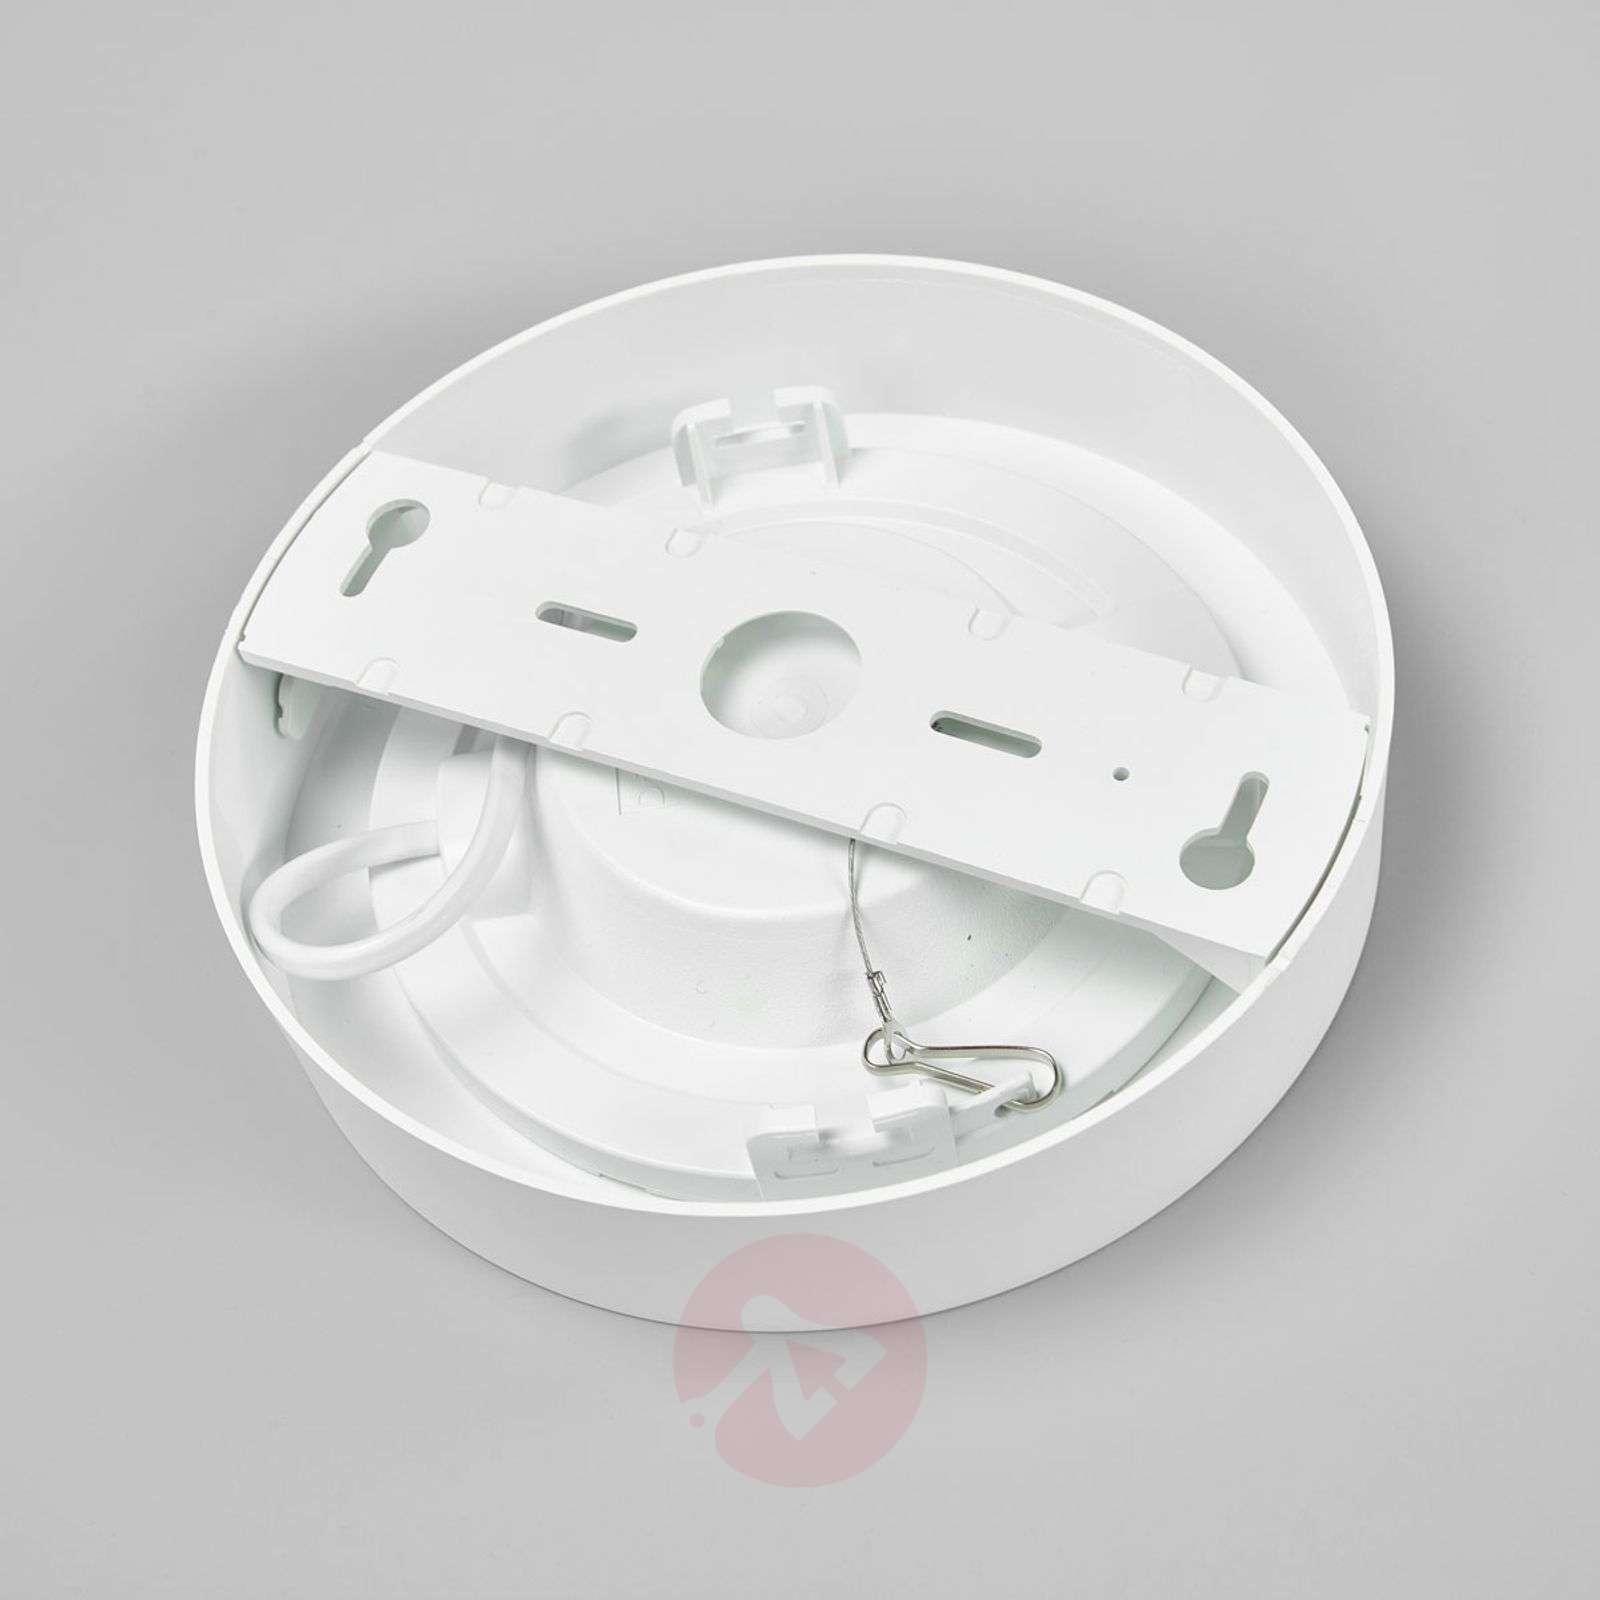 LED-kattovalo Marlo valkoinen 4000K pyöreä 18,2cm-9978064-02